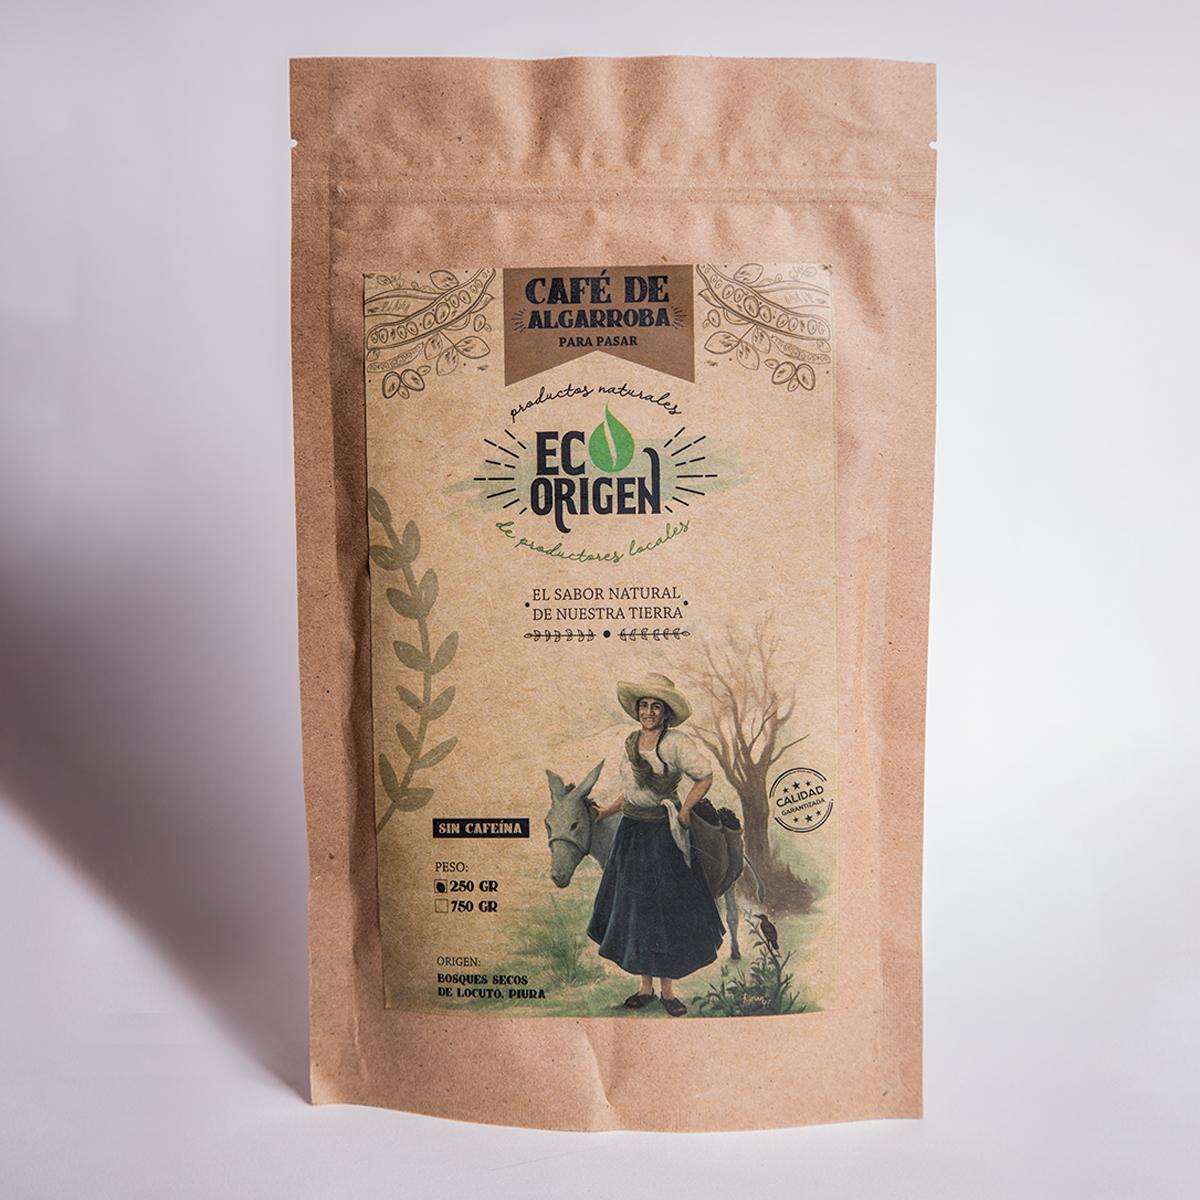 Café de algarroba